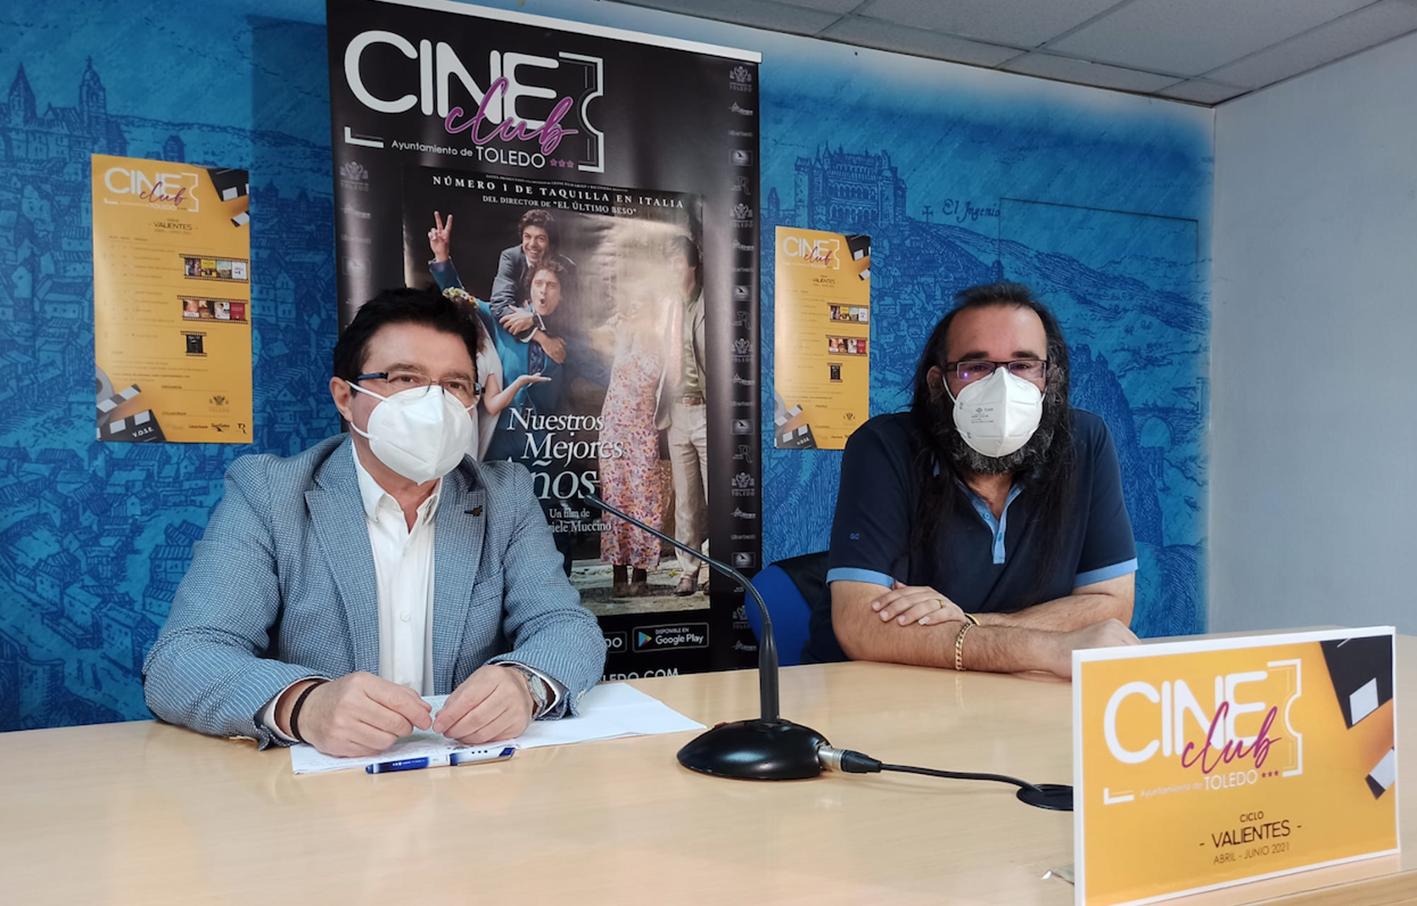 Teo García y Gabriel Castaño, durante la presentación del nuevo ciclo del Cine Club.